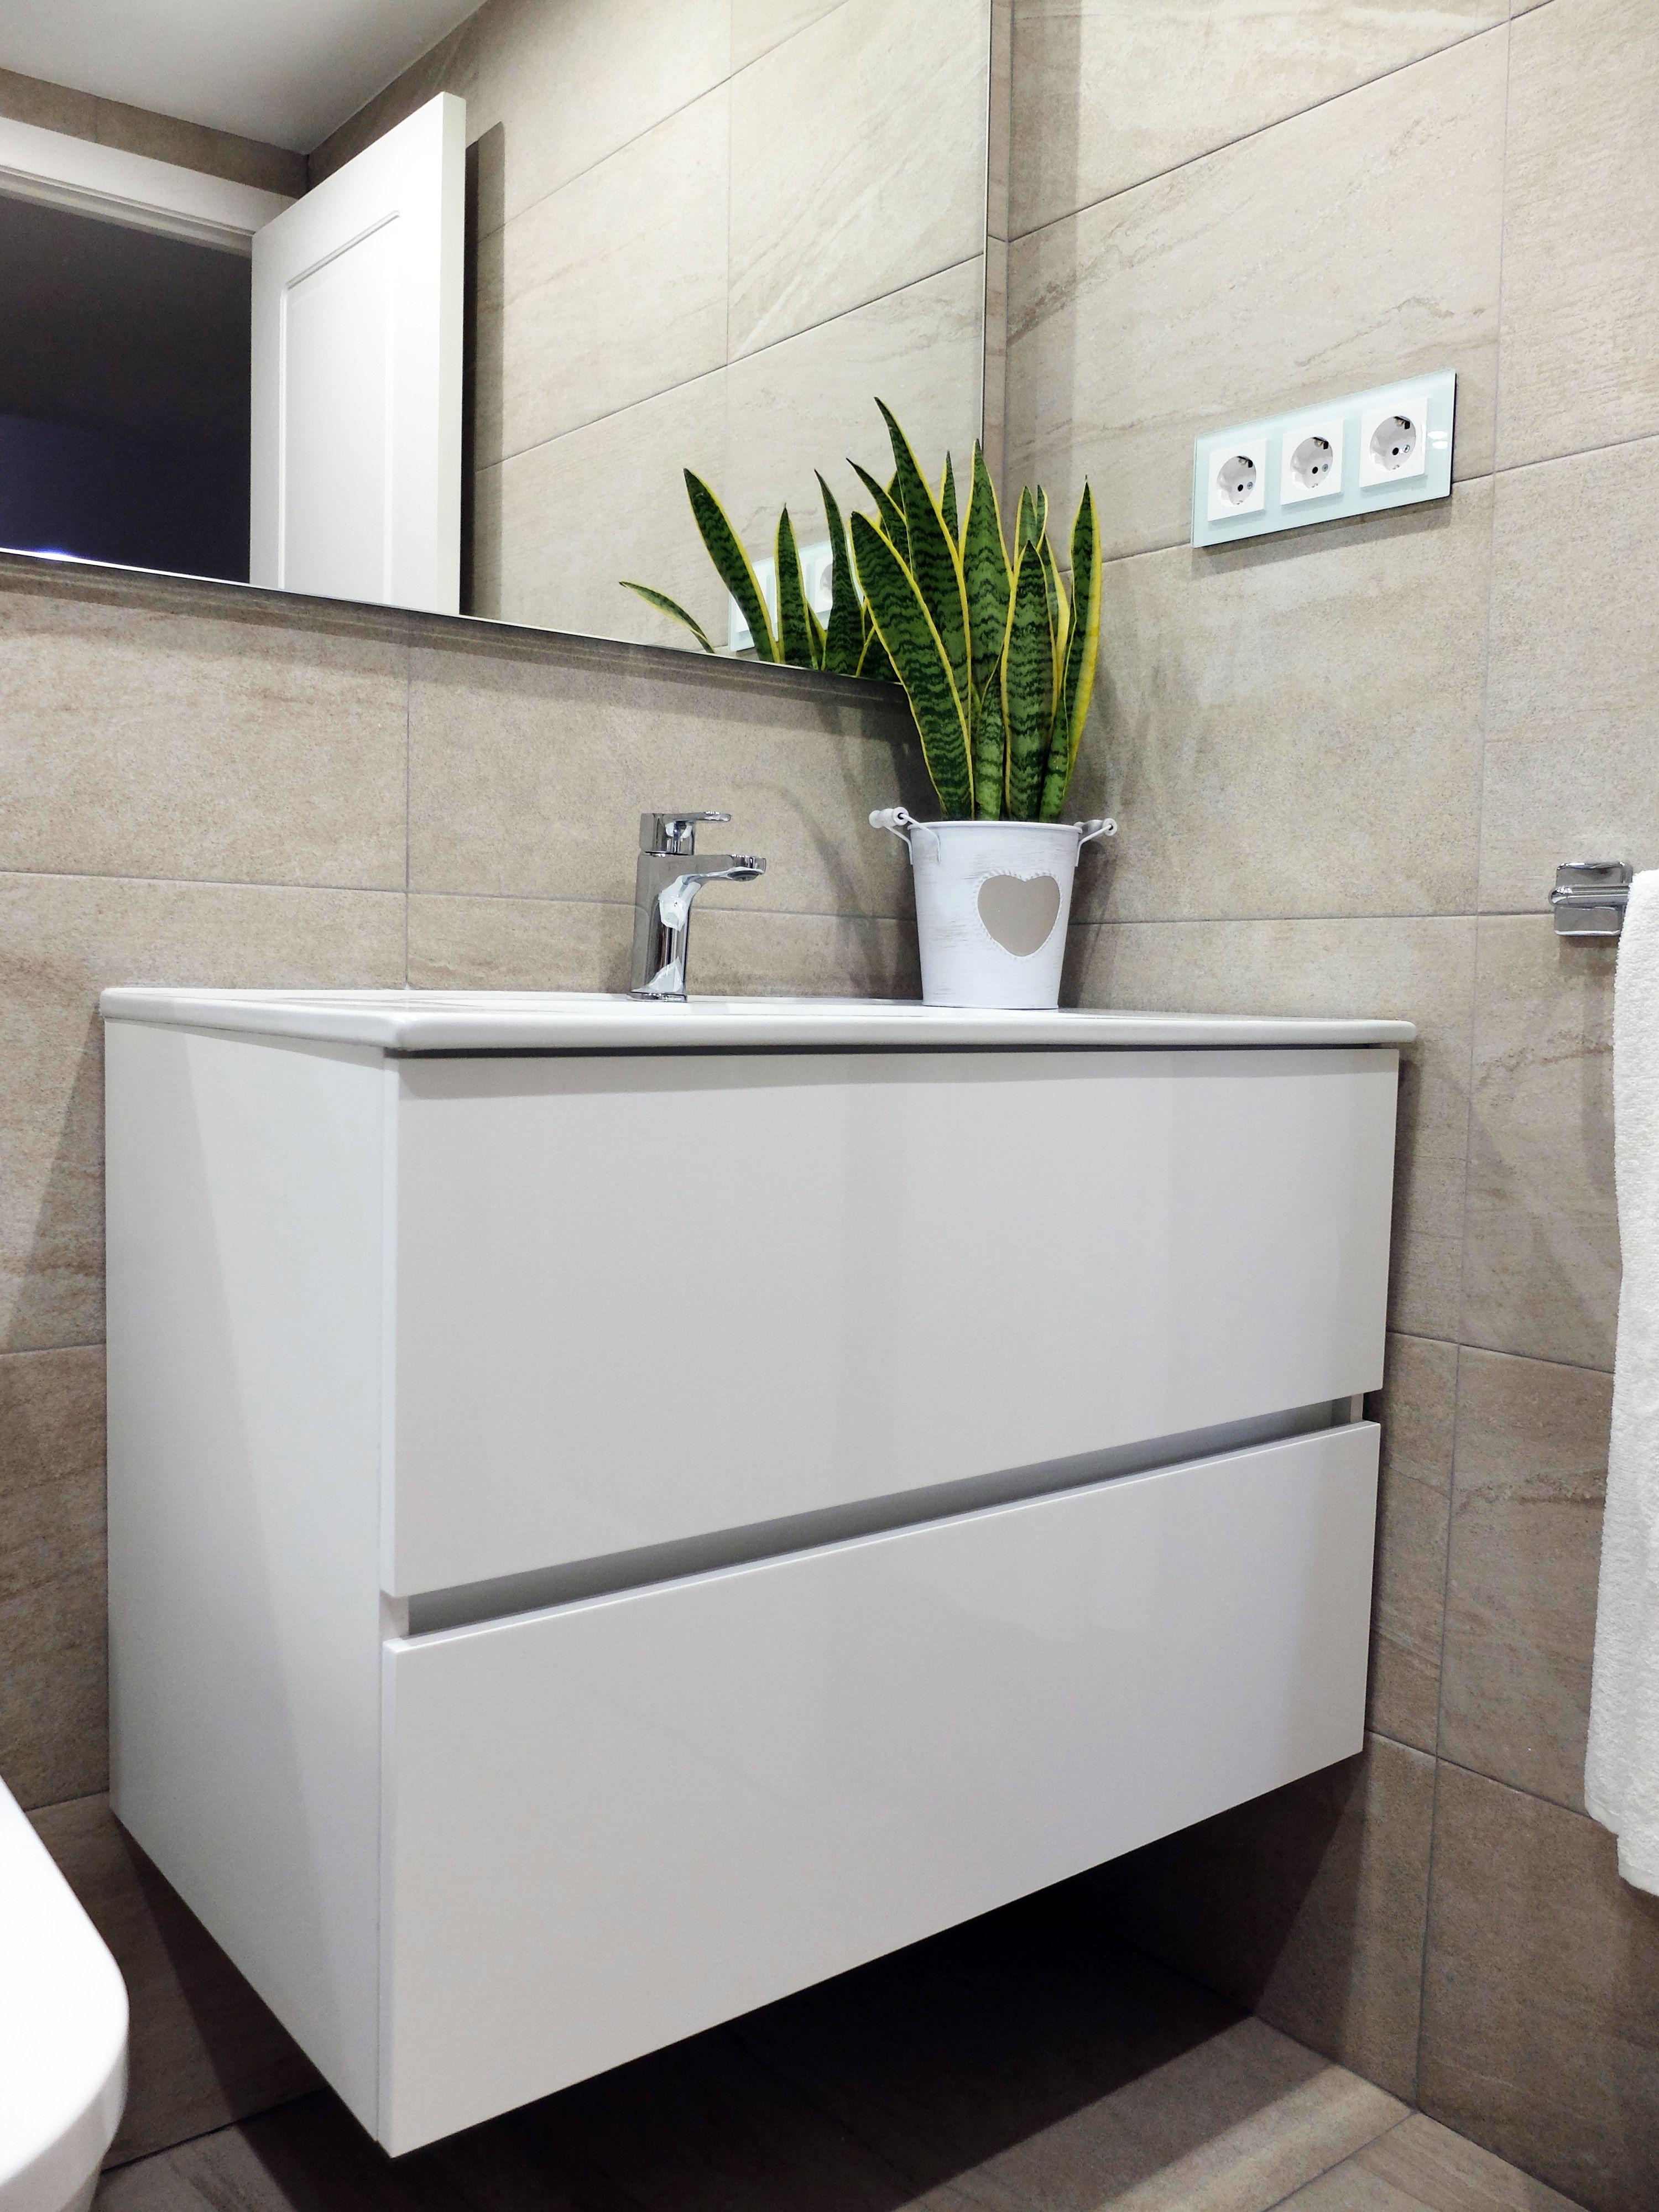 Reforma de baño en beige y blanco en Sarrià, Barcelona ...